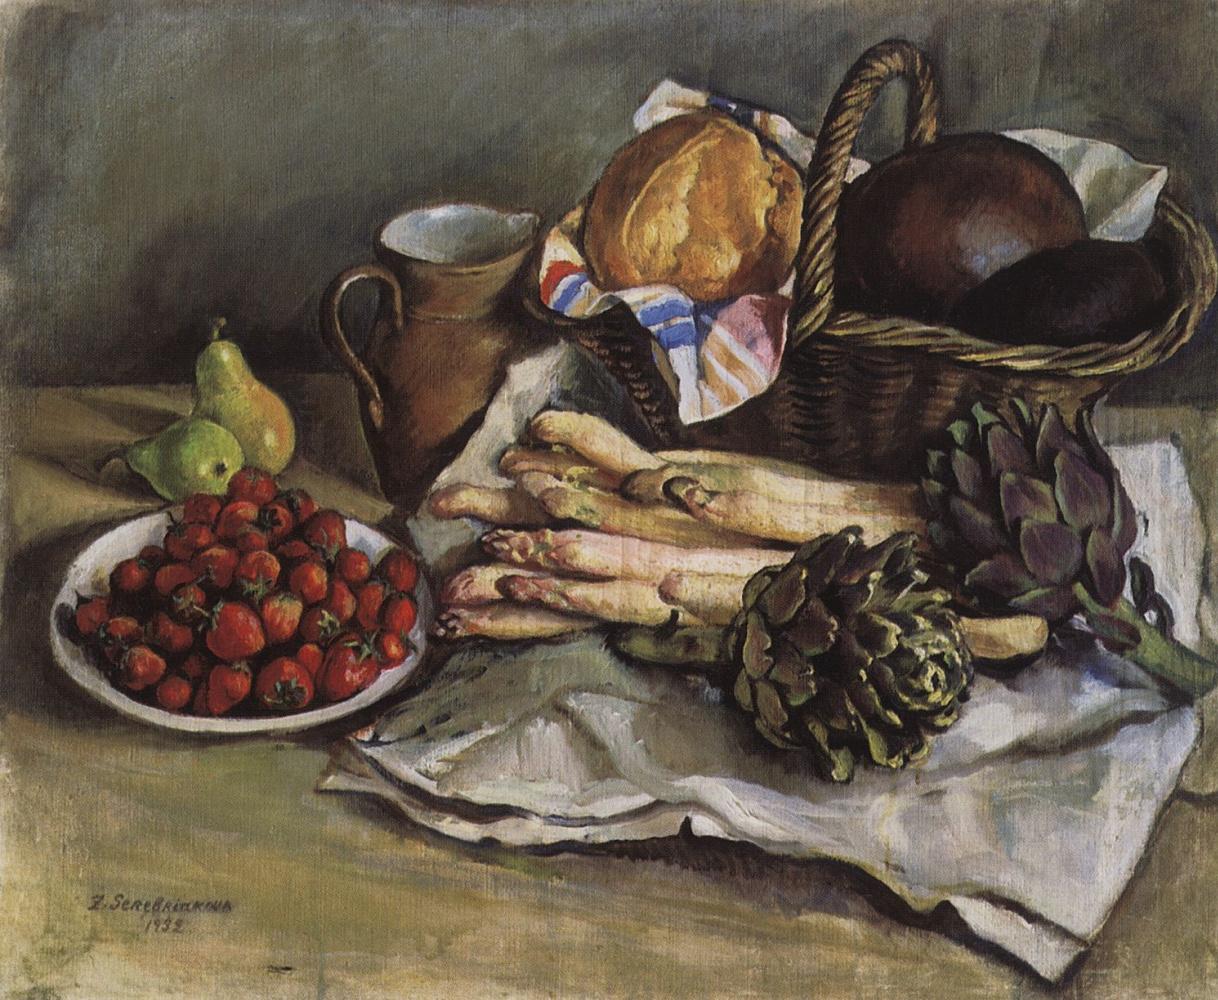 Зинаида Евгеньевна Серебрякова. Натюрморт со спаржей и земляникой